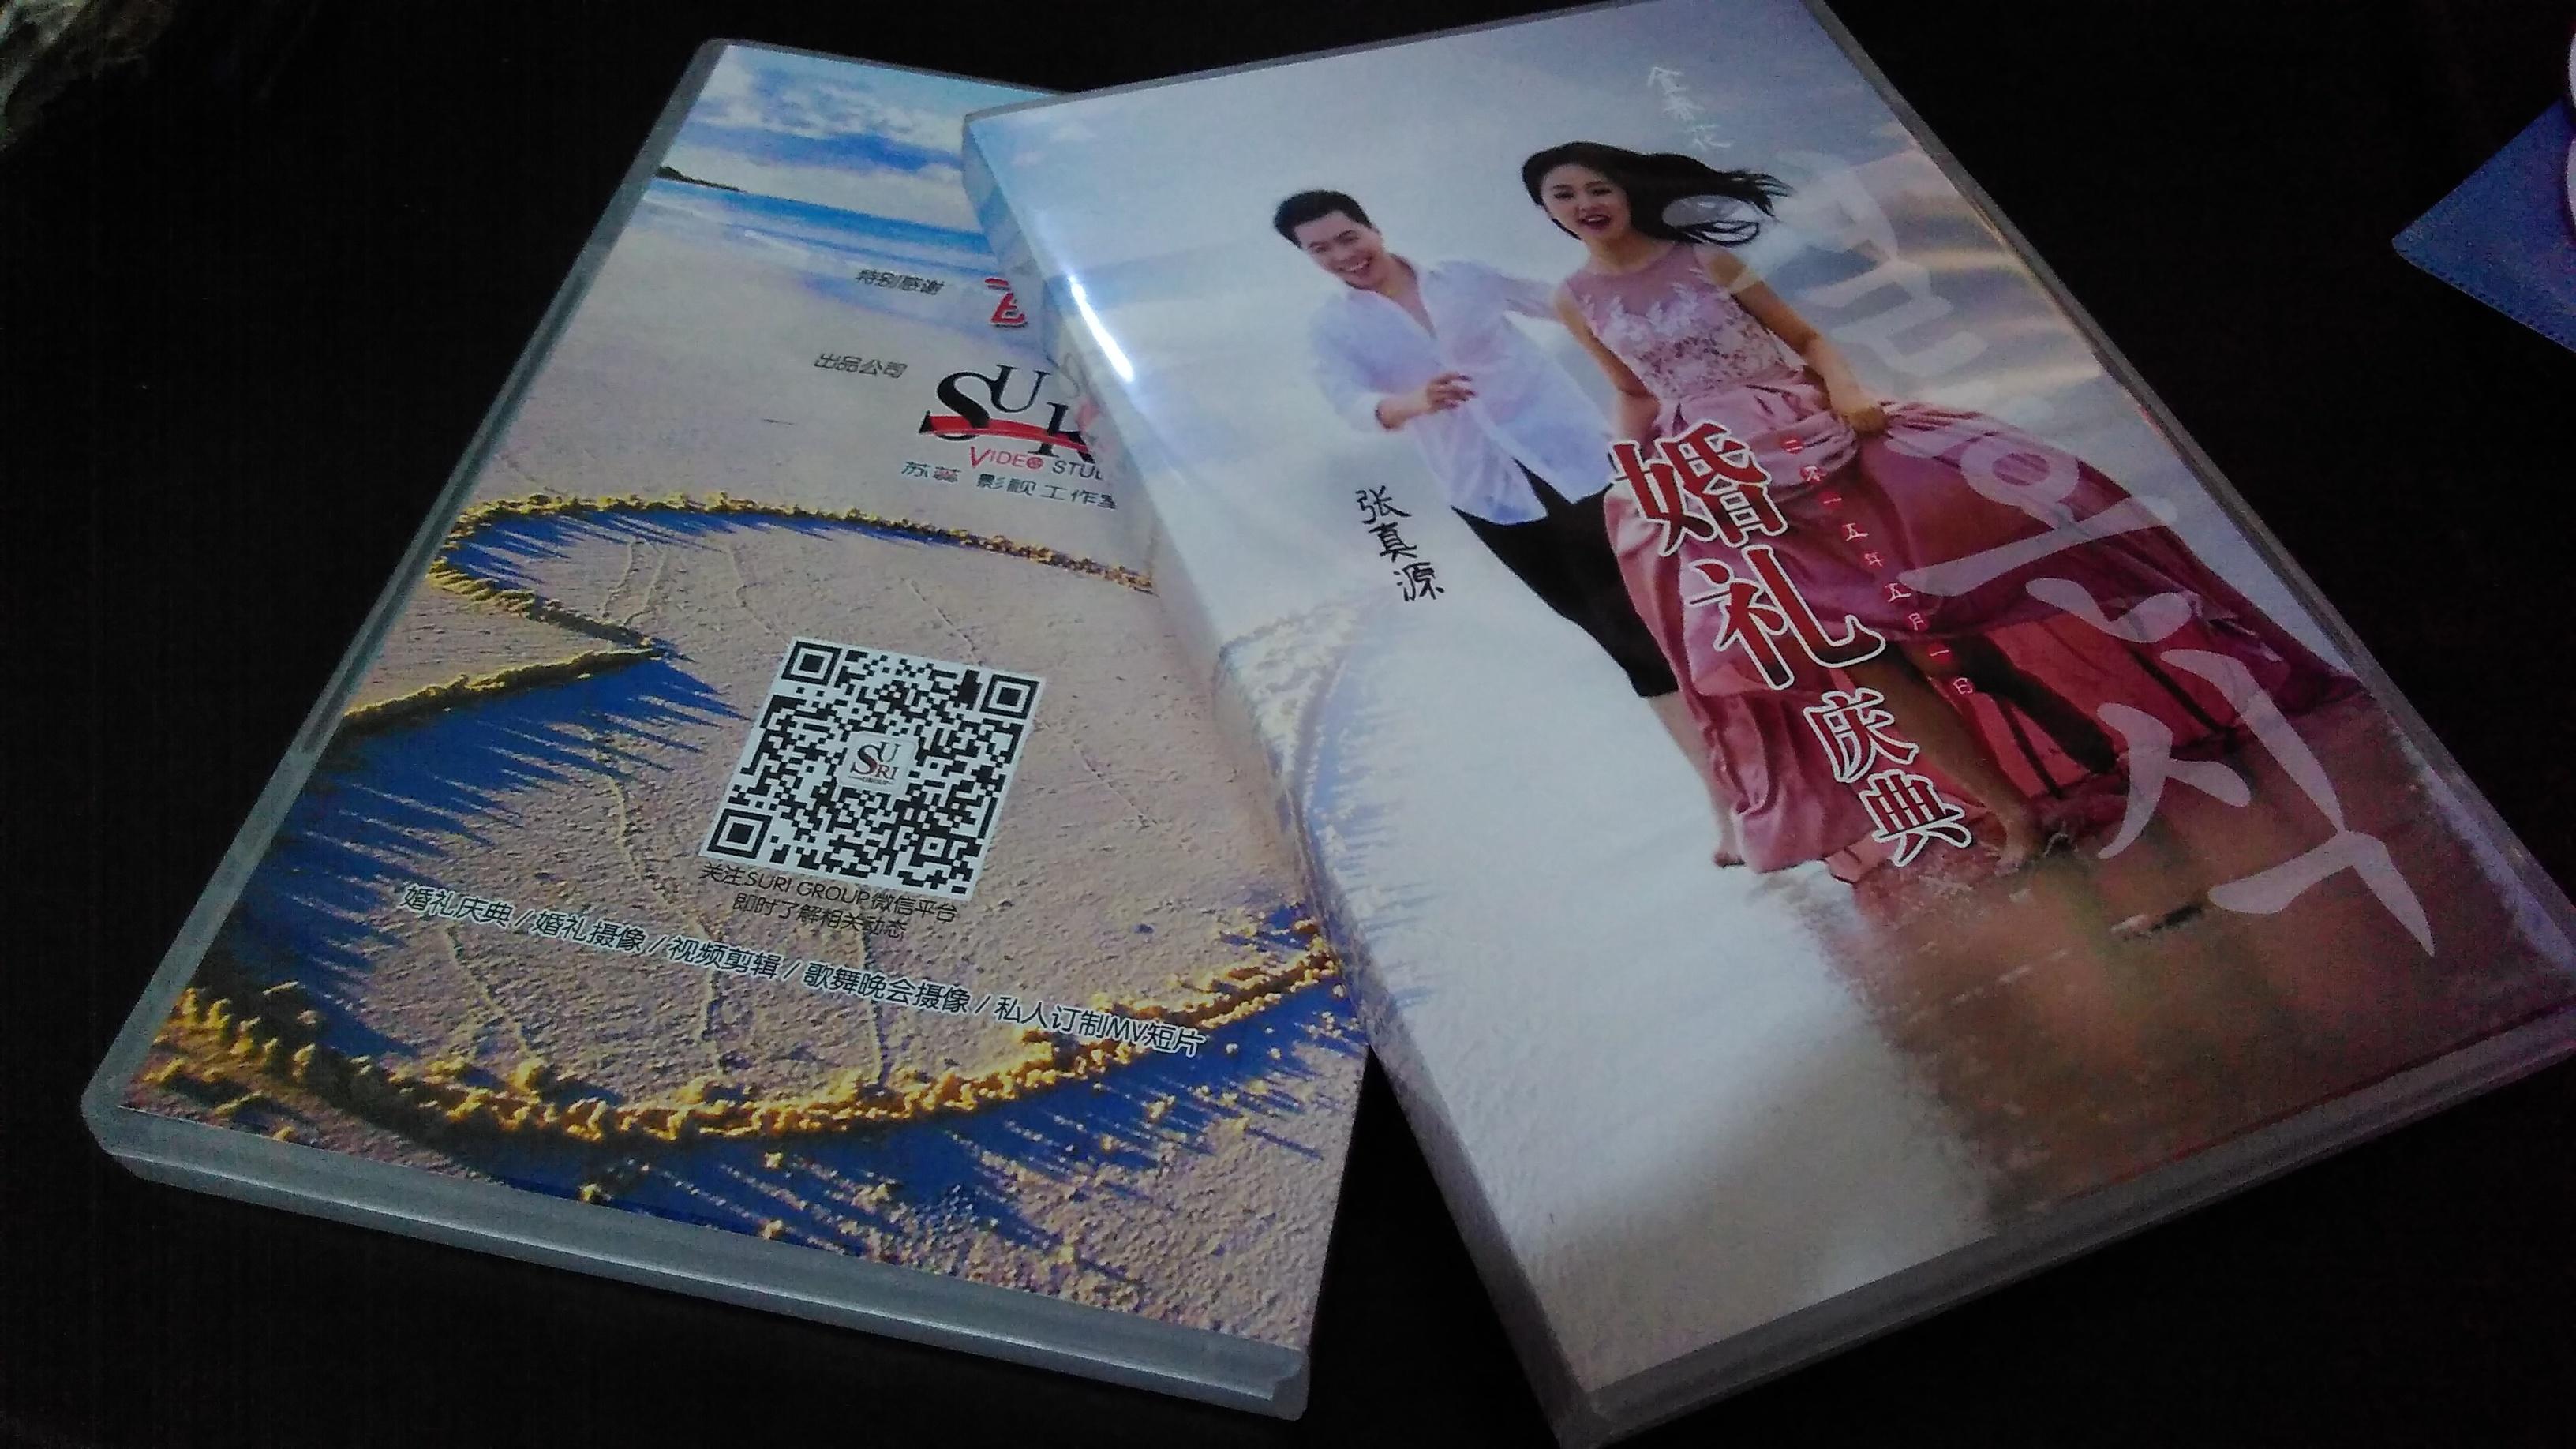 n1212作品封面_婚礼光盘盒封面设计|平面|包装|suriliu1212 - 原创